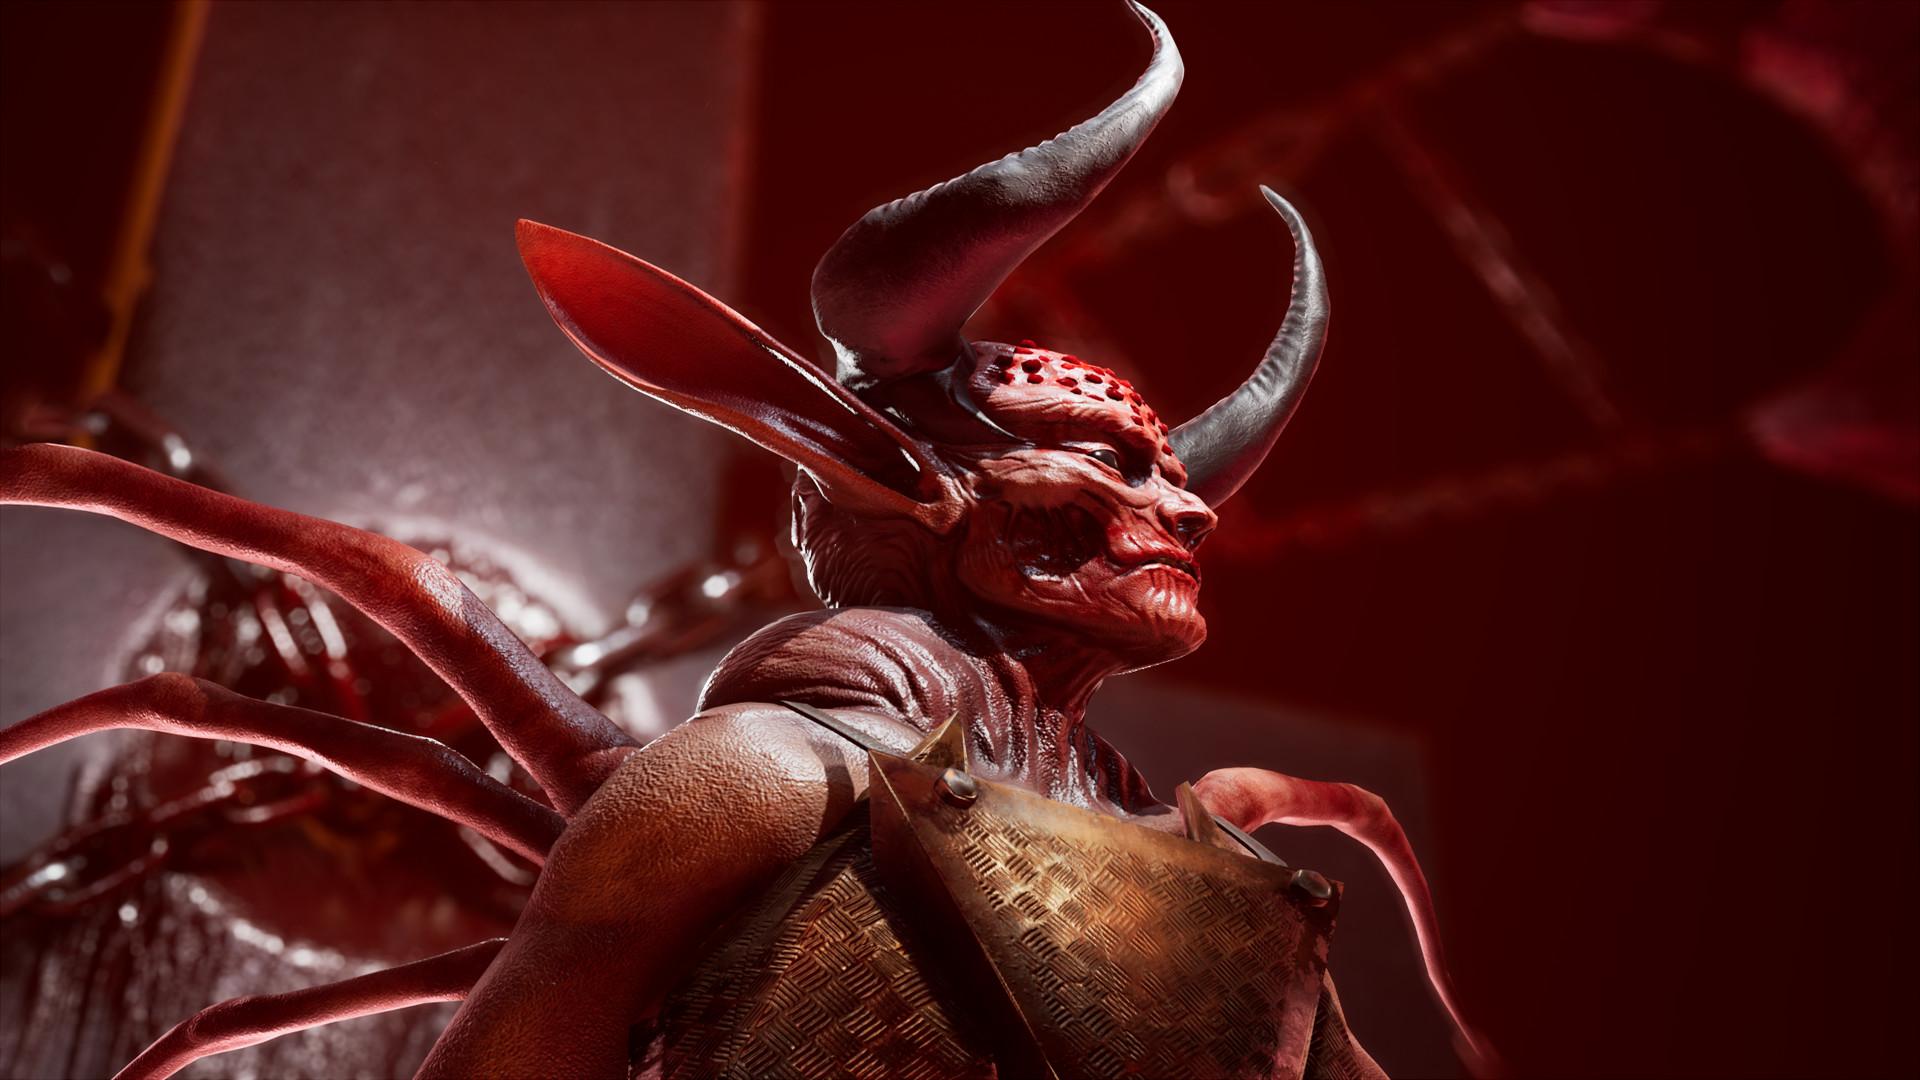 与魔鬼共眠/with the Devil(中文语音)插图1